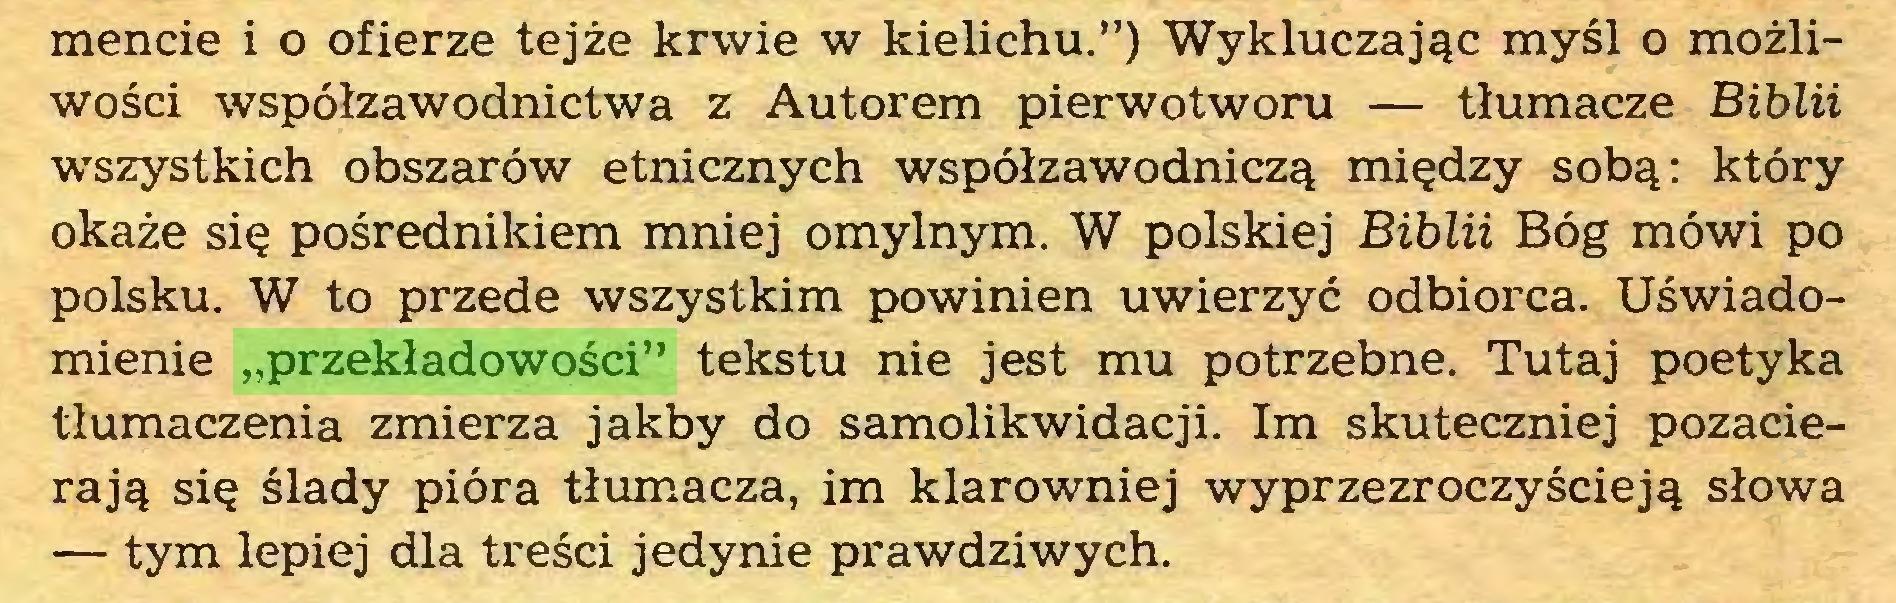 """(...) mencie i o ofierze tejże krwie w kielichu."""") Wykluczając myśl o możliwości współzawodnictwa z Autorem pierwotworu — tłumacze Biblii wszystkich obszarów etnicznych współzawodniczą między sobą: który okaże się pośrednikiem mniej omylnym. W polskiej Biblii Bóg mówi po polsku. W to przede wszystkim powinien uwierzyć odbiorca. Uświadomienie """"przekładowości"""" tekstu nie jest mu potrzebne. Tutaj poetyka tłumaczenia zmierza jakby do samolikwidacji. Im skuteczniej pozacierają się ślady pióra tłumacza, im klarowniej wyprzezroczyścieją słowa — tym lepiej dla treści jedynie prawdziwych..."""